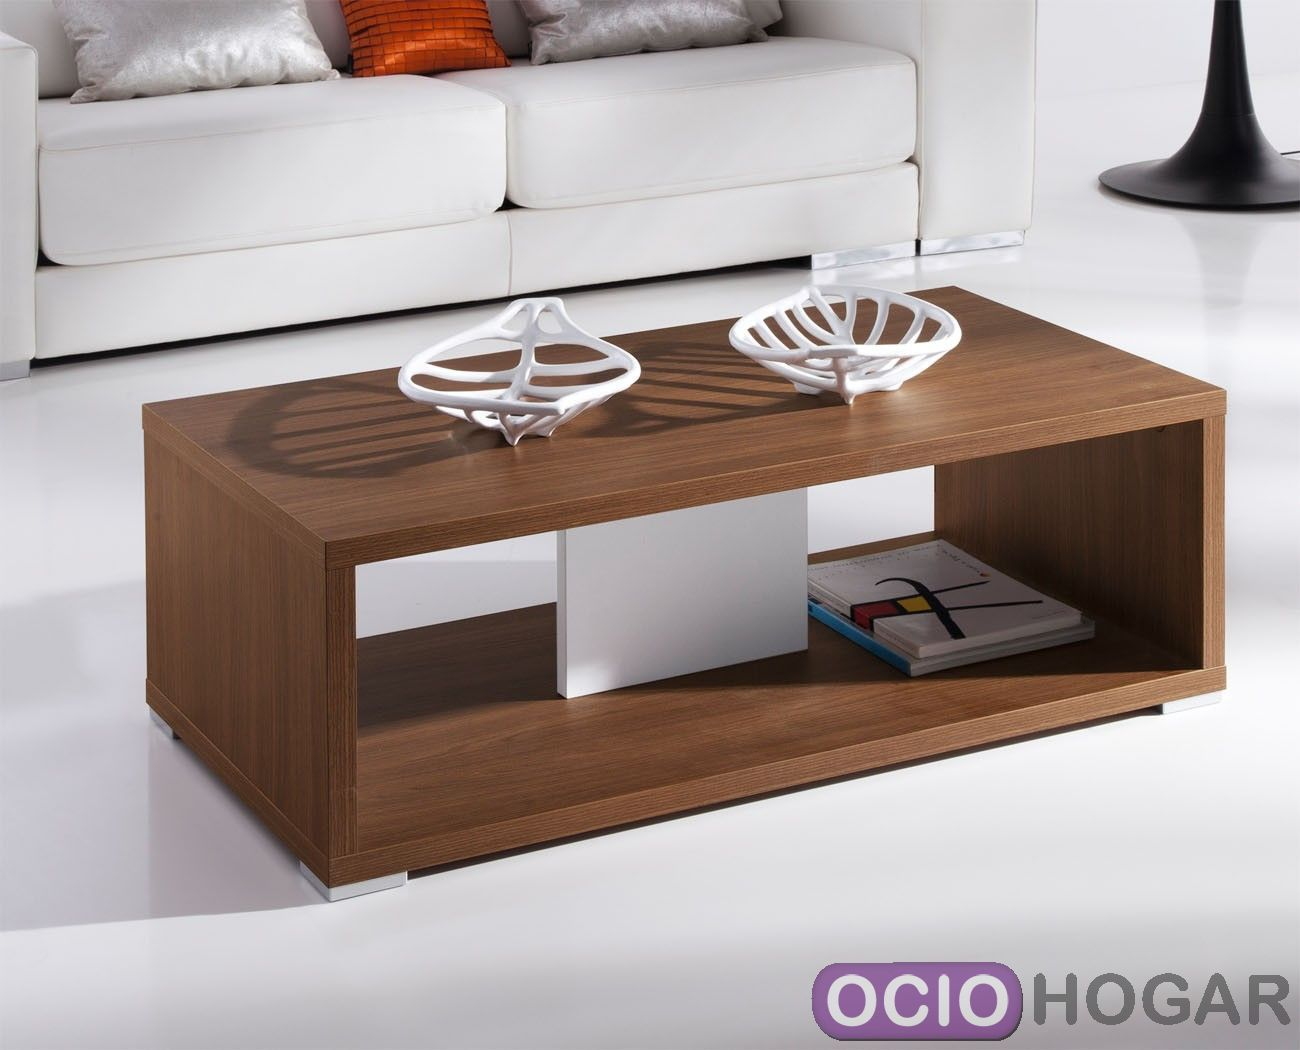 Mesa de centro moderna en madera de diseno vanguardista en - Mesas de madera modernas ...